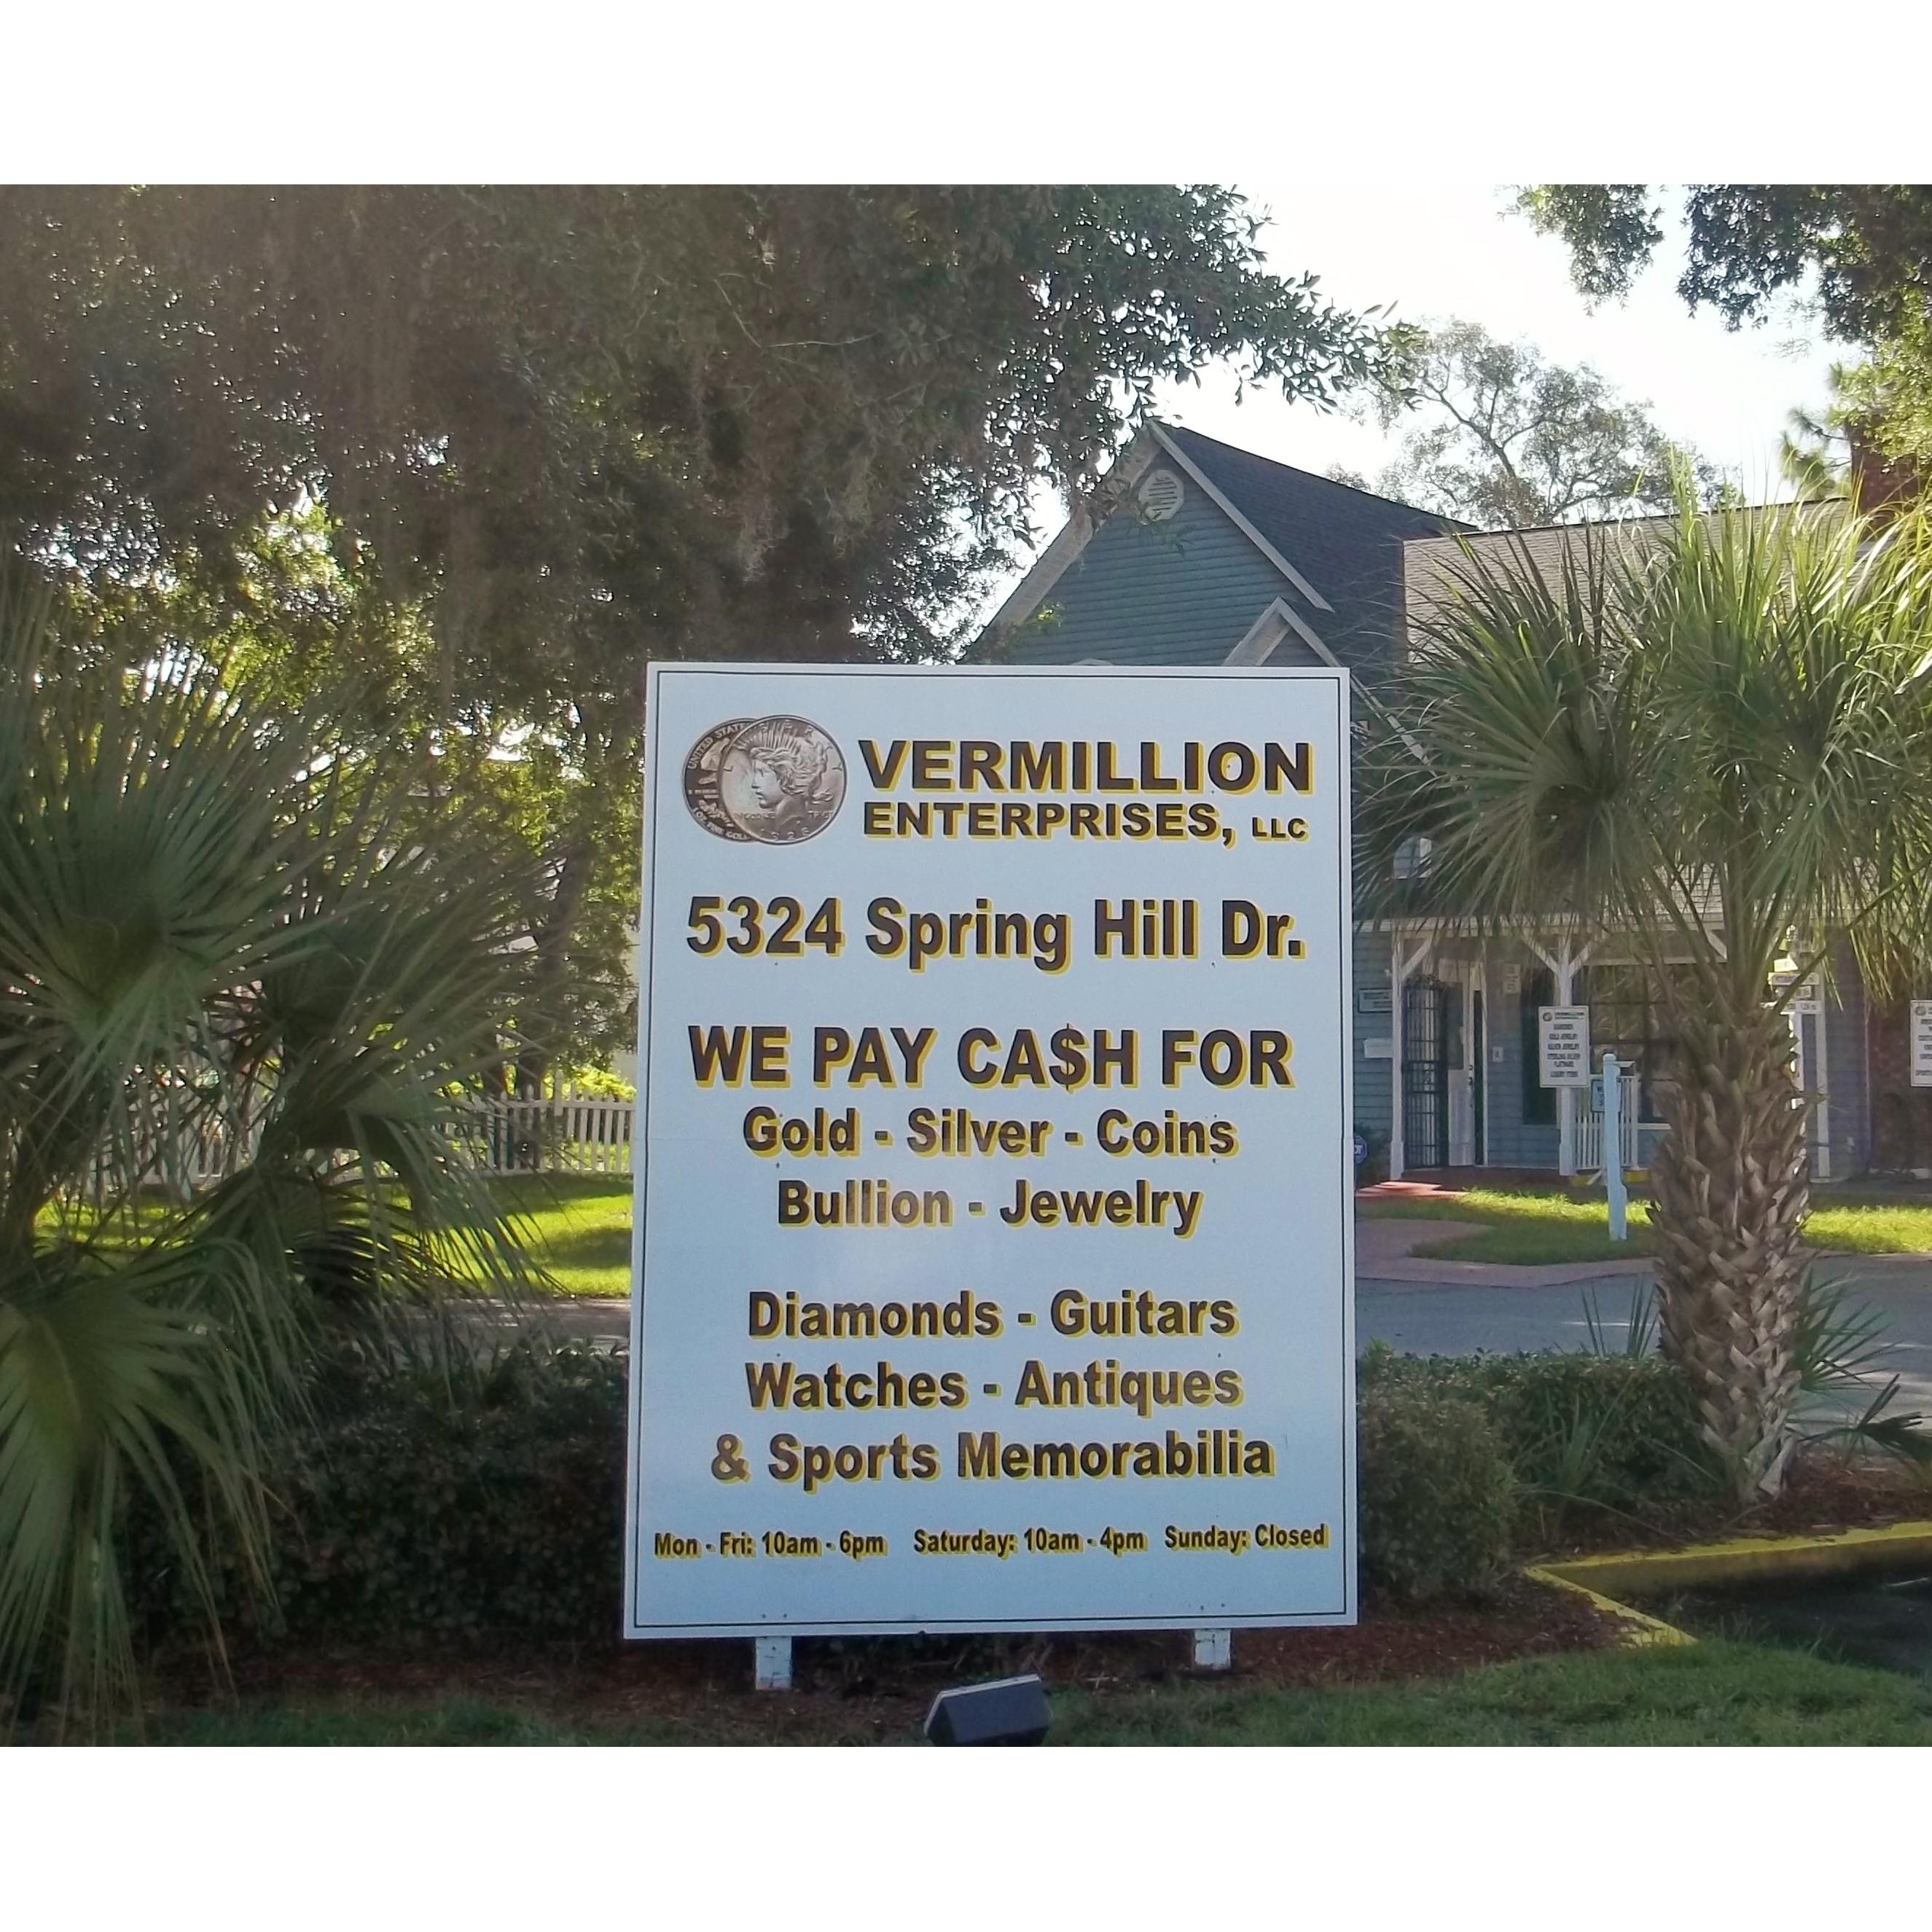 Vermillion Enterprises